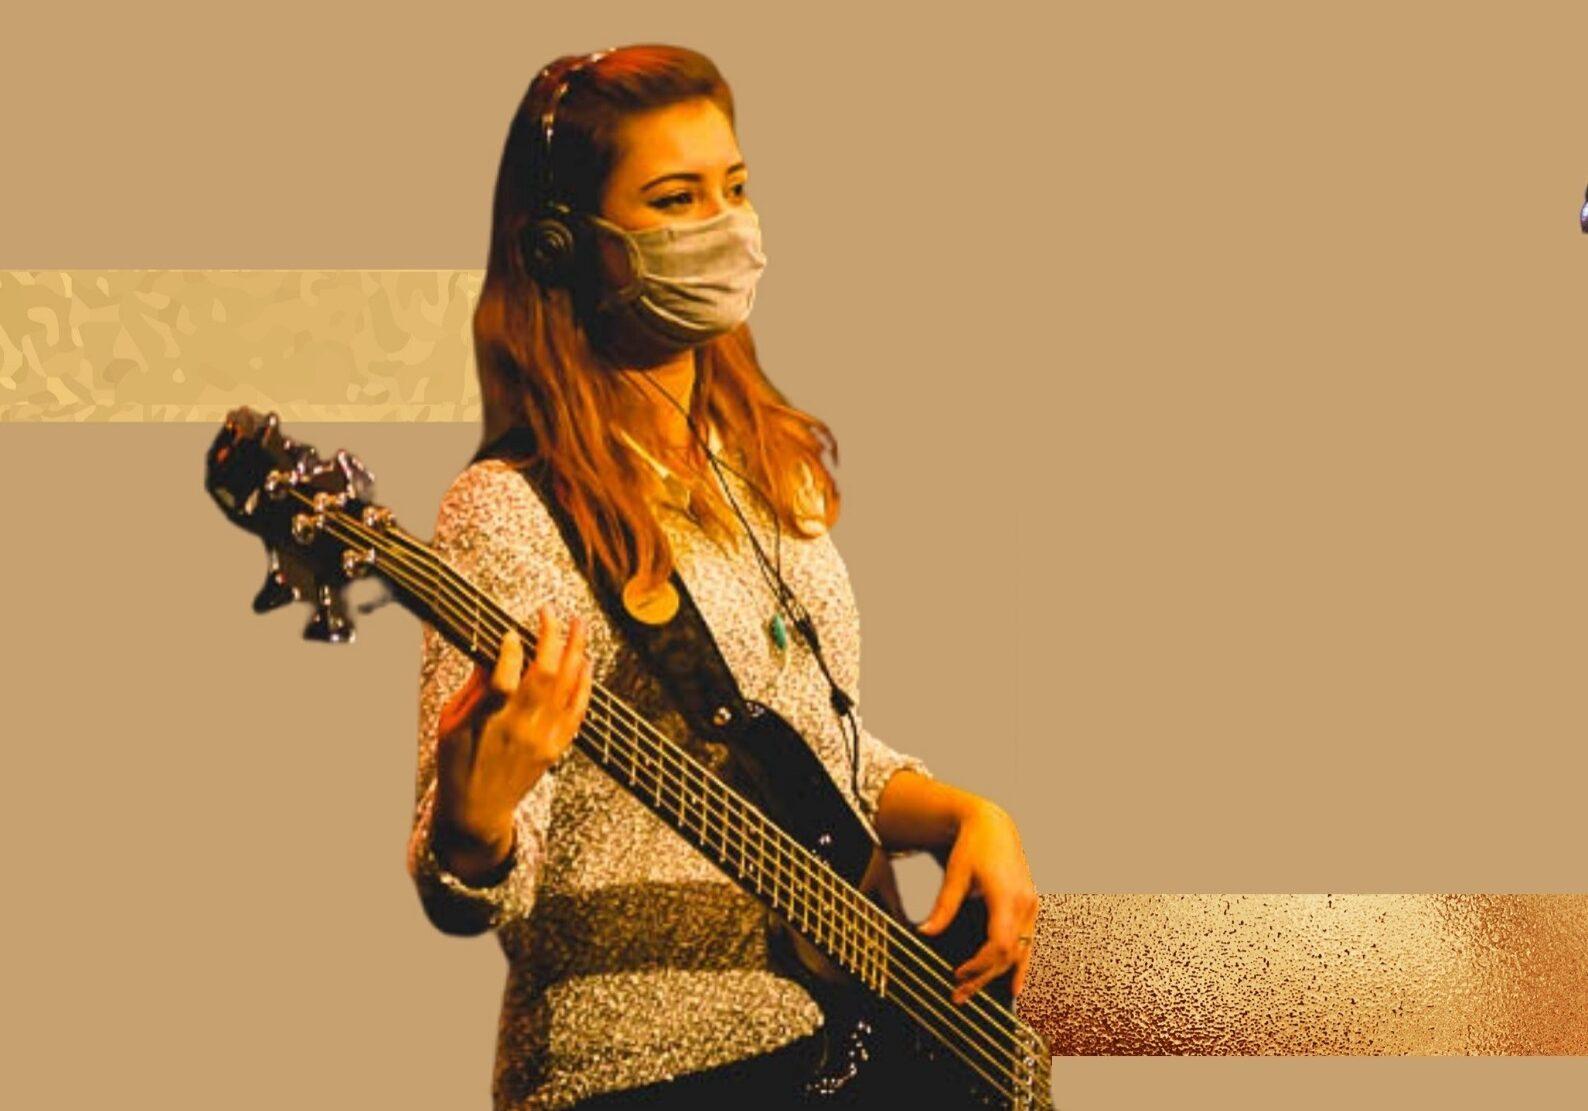 0033-escola-de musica-316-airport-church-0012-guitarra